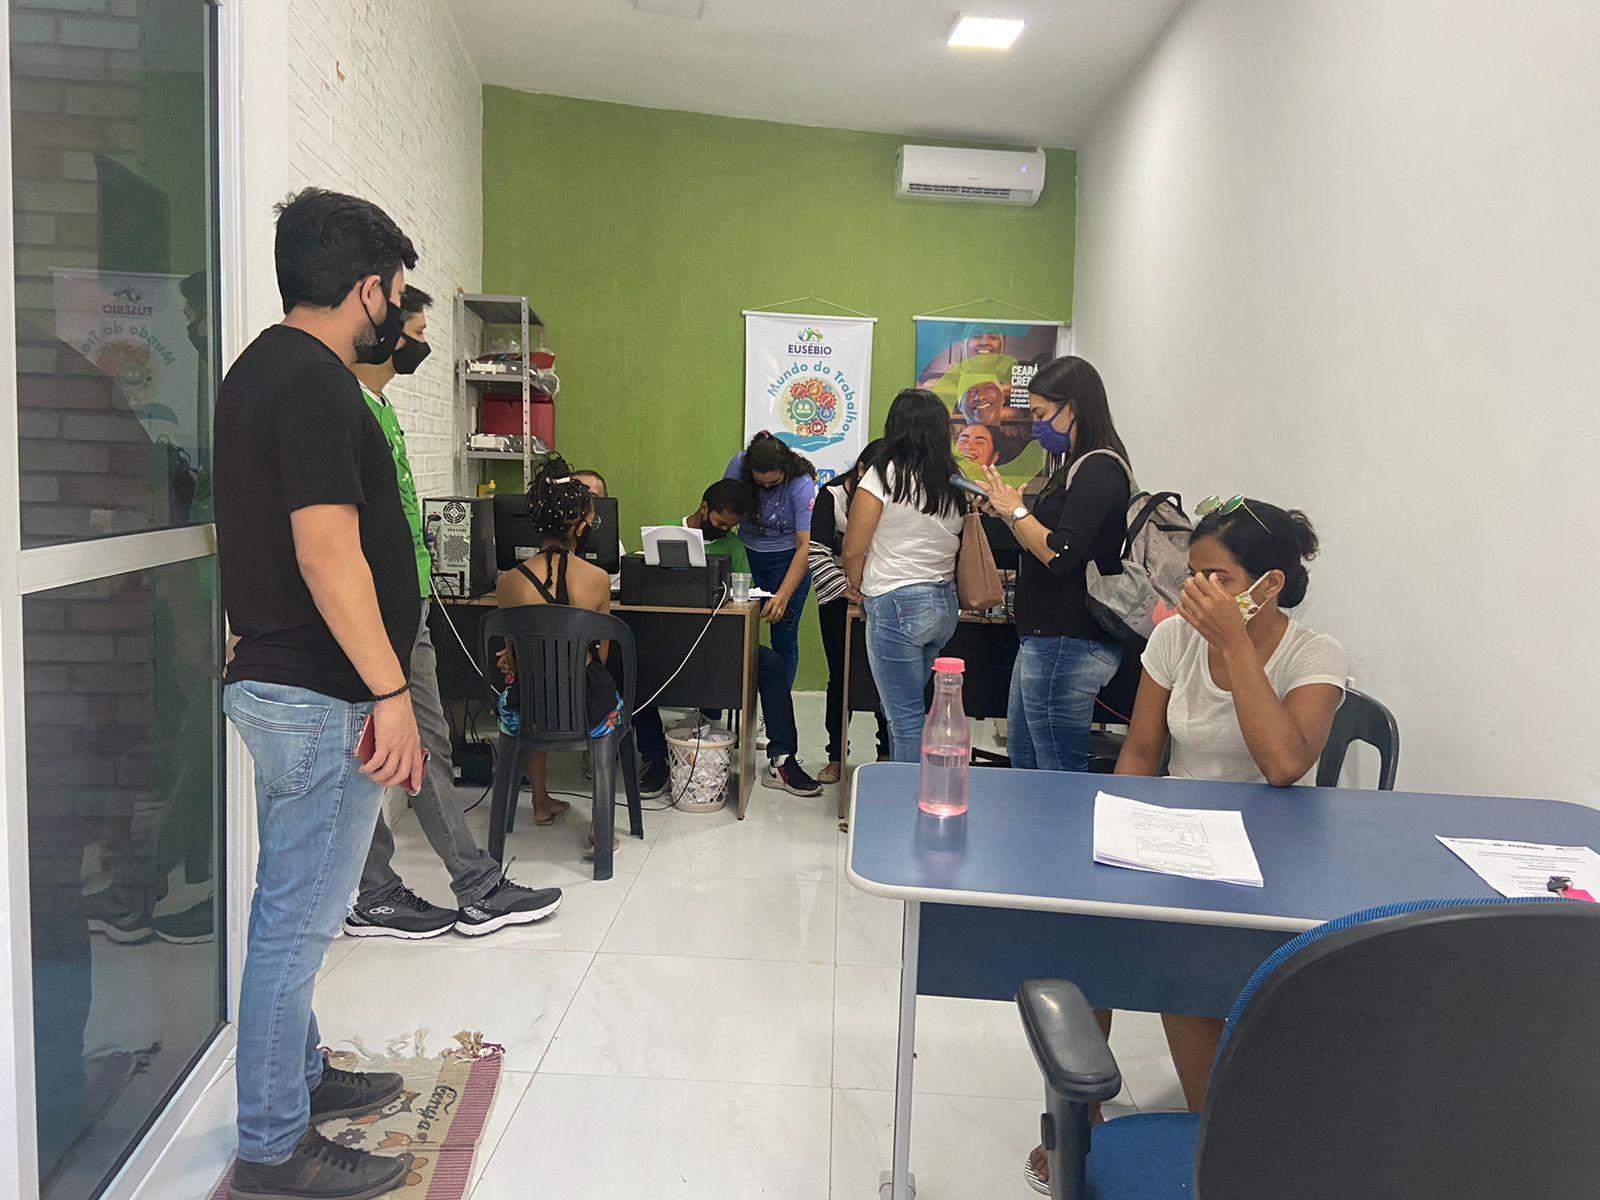 Sala do empreendedor cadastra 215 microempreendedores no programa Ceará Credi